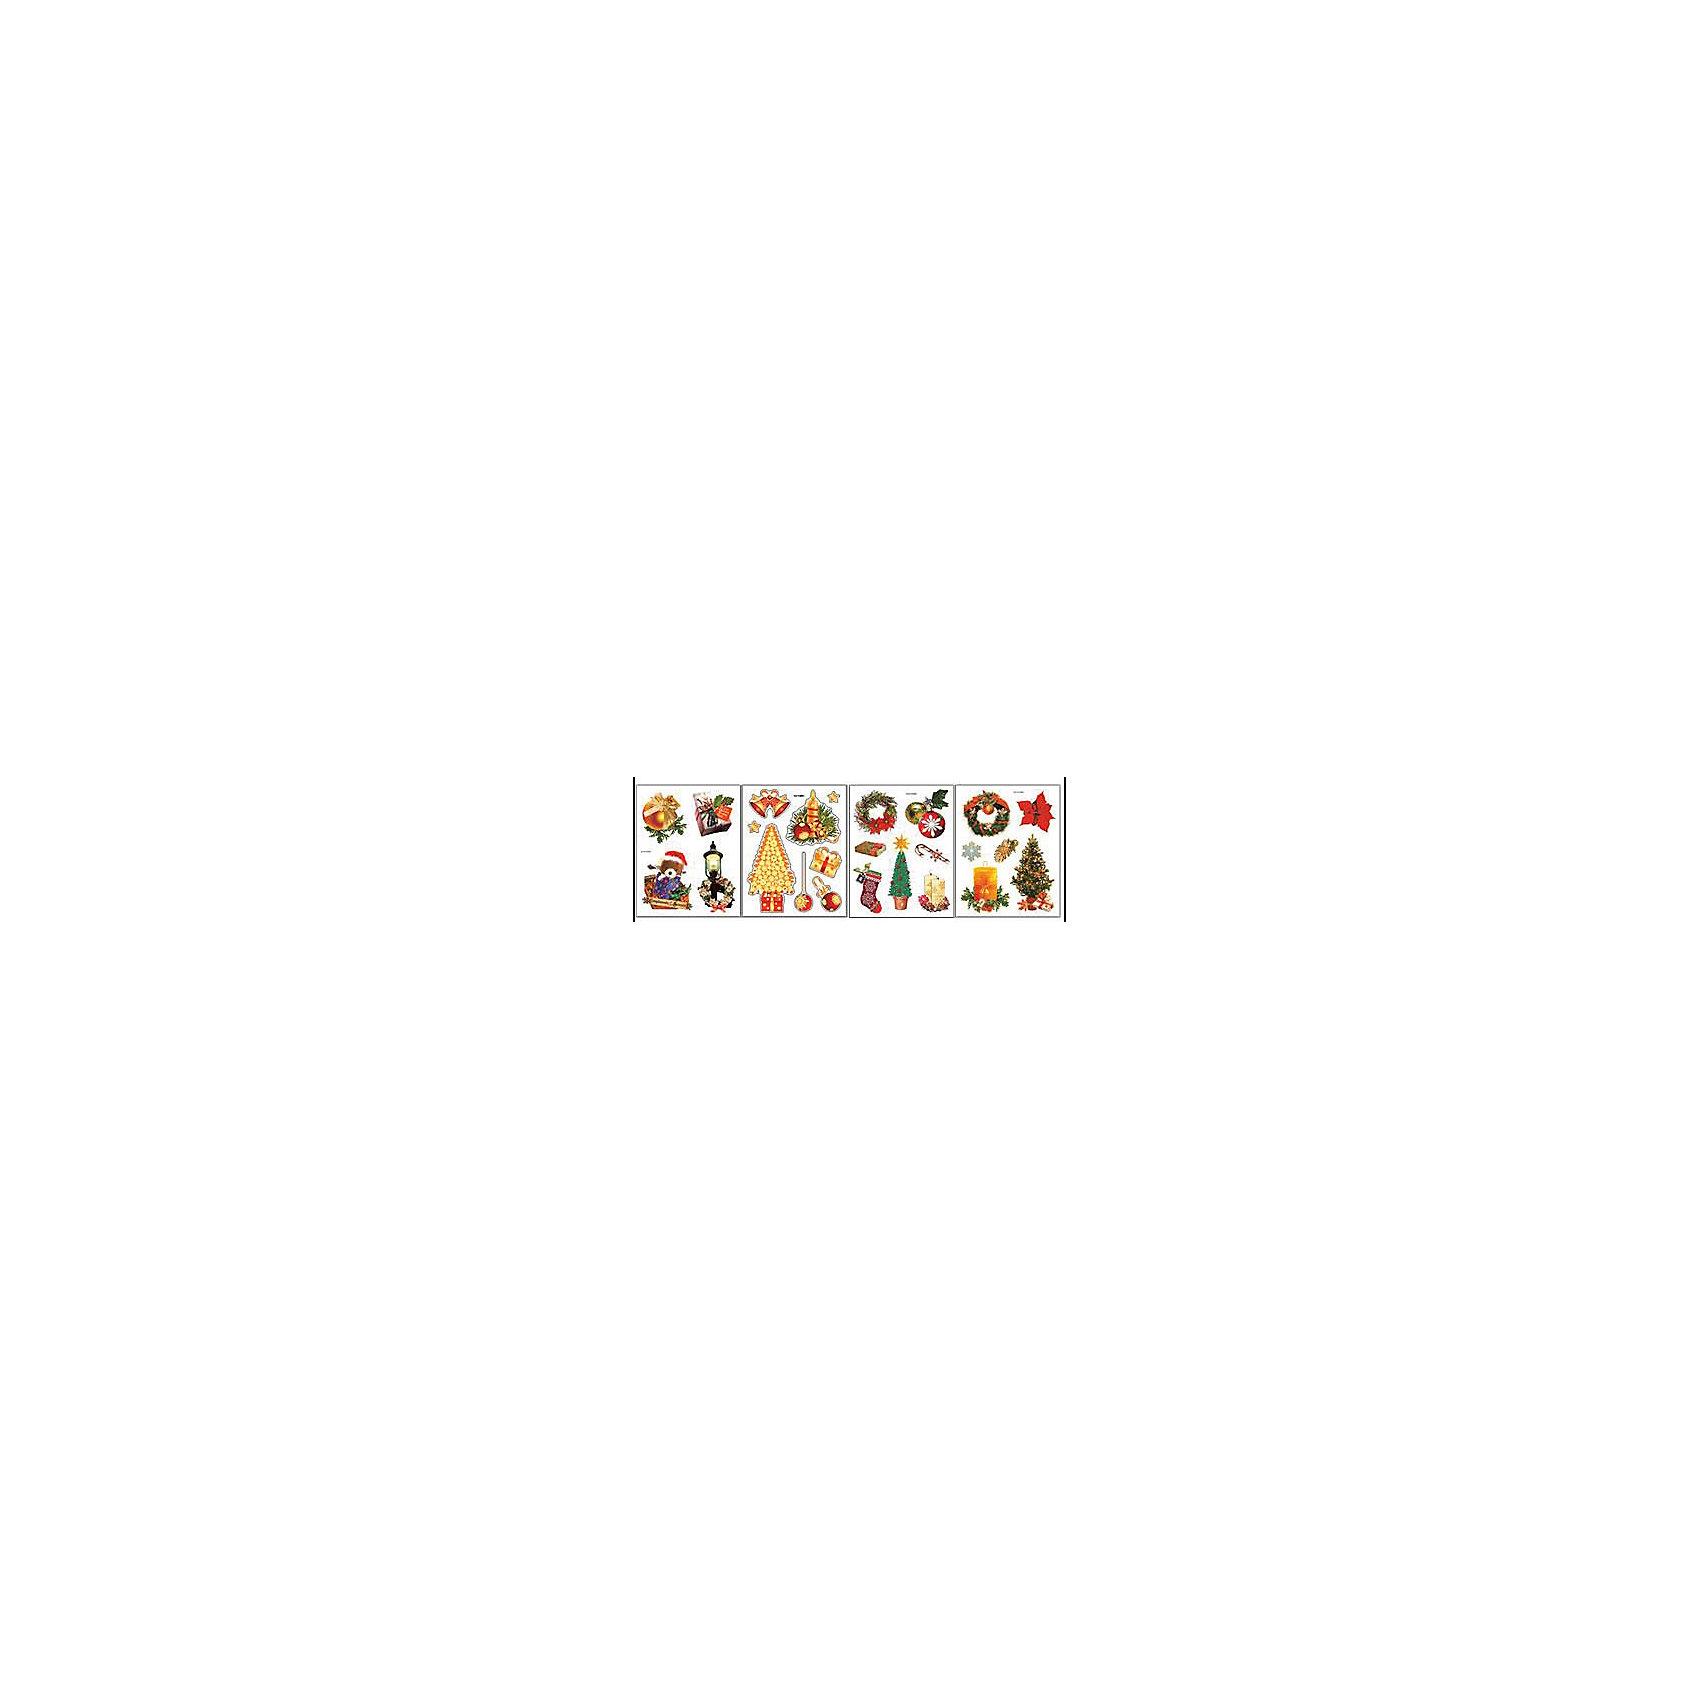 Наклейка на стекло Узоры 19,5*13,6 см, Marko FerenzoНаклейка на стекло Узоры замечательно украсит Ваш интерьер и создаст праздничное новогоднее настроение. В комплекте несколько красочных наклеек с изображениями нарядных елочек, игрушек, рождественских веночков и других новогодних атрибутов. Прочно крепятся к стеклу с помощью прозрачной клейкой пленки, на которую нанесены рисунки. В ассортименте наклейки с разным дизайном.<br><br>Дополнительная информация:<br><br>- Материал: ПВХ пленка.<br>- Размер упаковки: 19,5 х 13,6 х 0,3 см. <br>- Вес: 177 гр. <br><br>Наклейку на стекло Узоры, Marko Ferenzo, можно купить в нашем интернет-магазине.<br><br>Ширина мм: 195<br>Глубина мм: 136<br>Высота мм: 3<br>Вес г: 177<br>Возраст от месяцев: 36<br>Возраст до месяцев: 2147483647<br>Пол: Унисекс<br>Возраст: Детский<br>SKU: 4418858